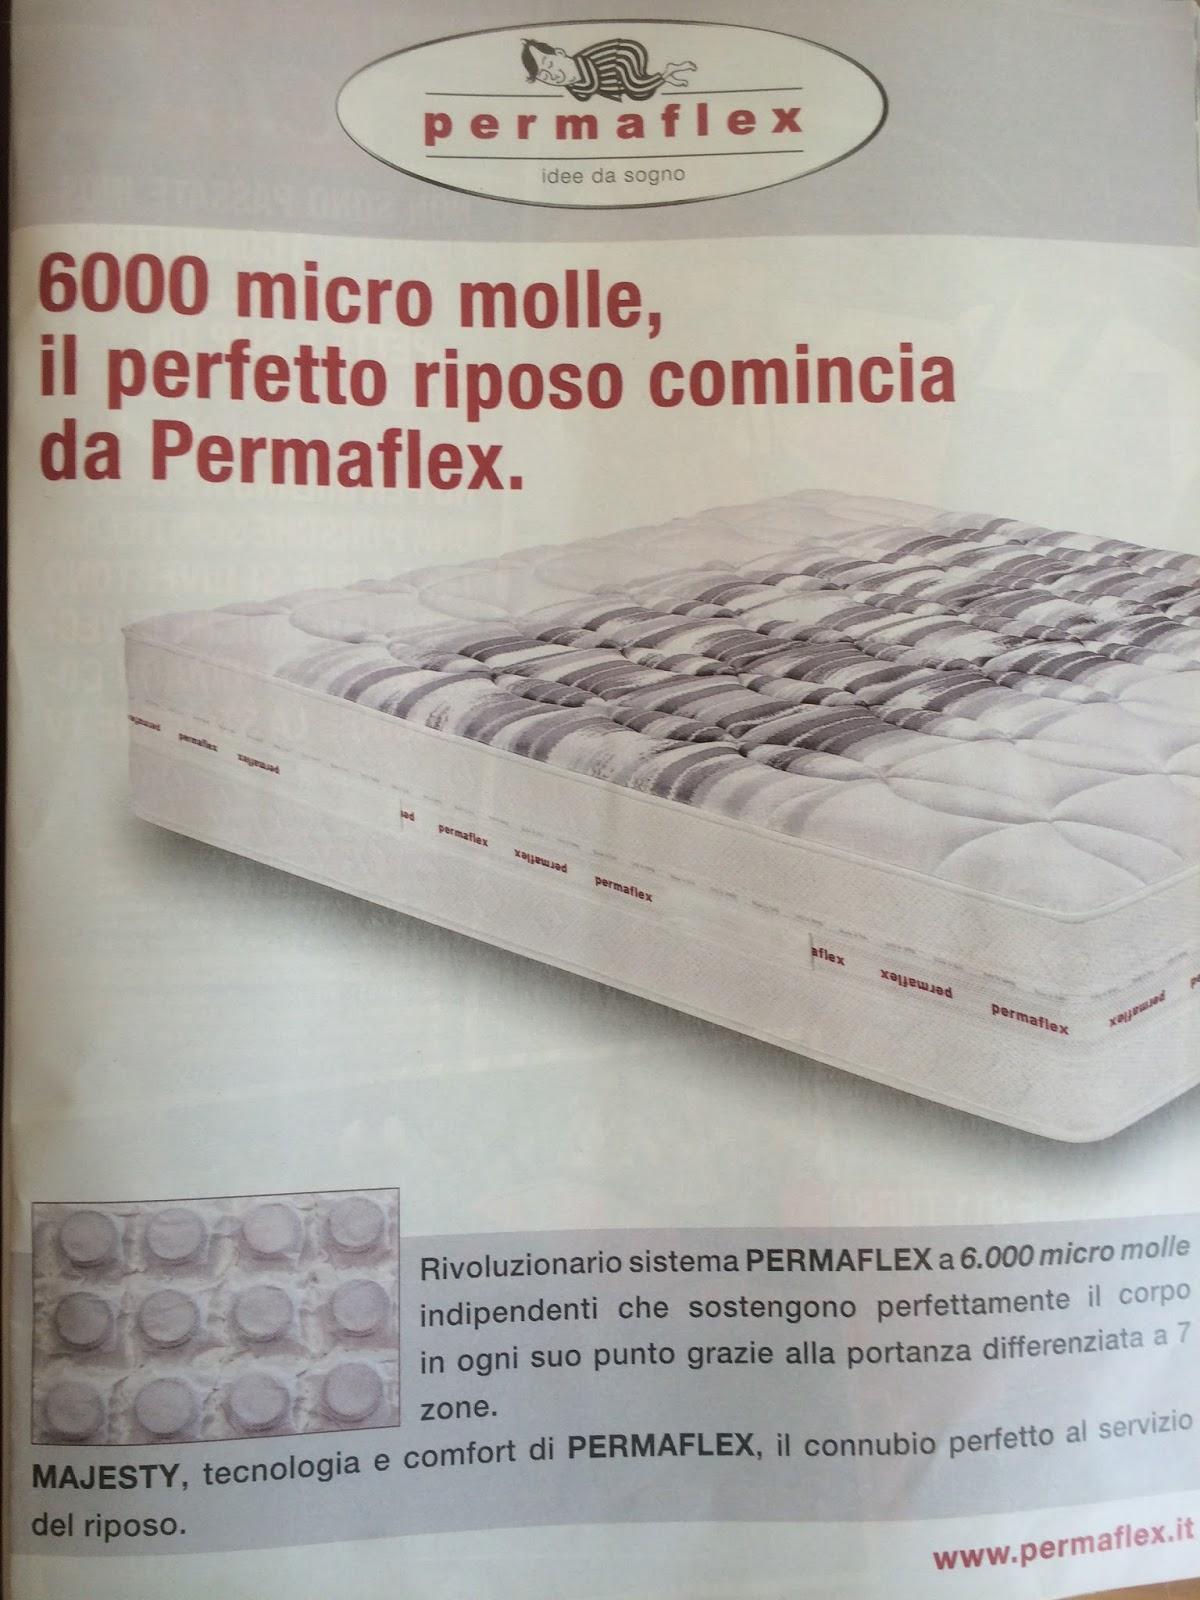 Centro Permaflex Blog: Nuova Pubblicità materasso Permaflex Majesty ...